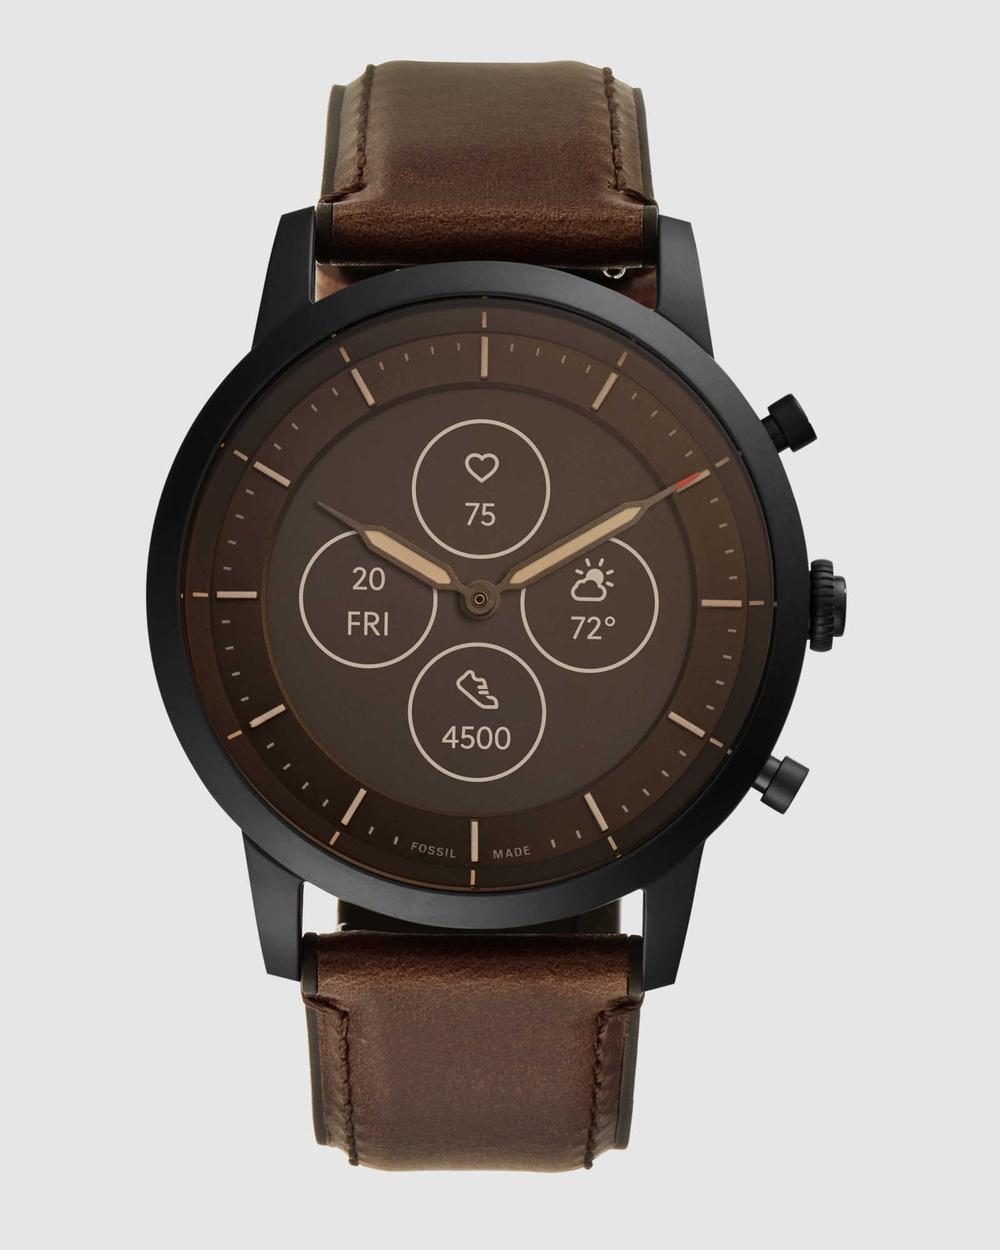 Fossil Collider Hybrid HR Brown Smartwatch Smart Watches Brown